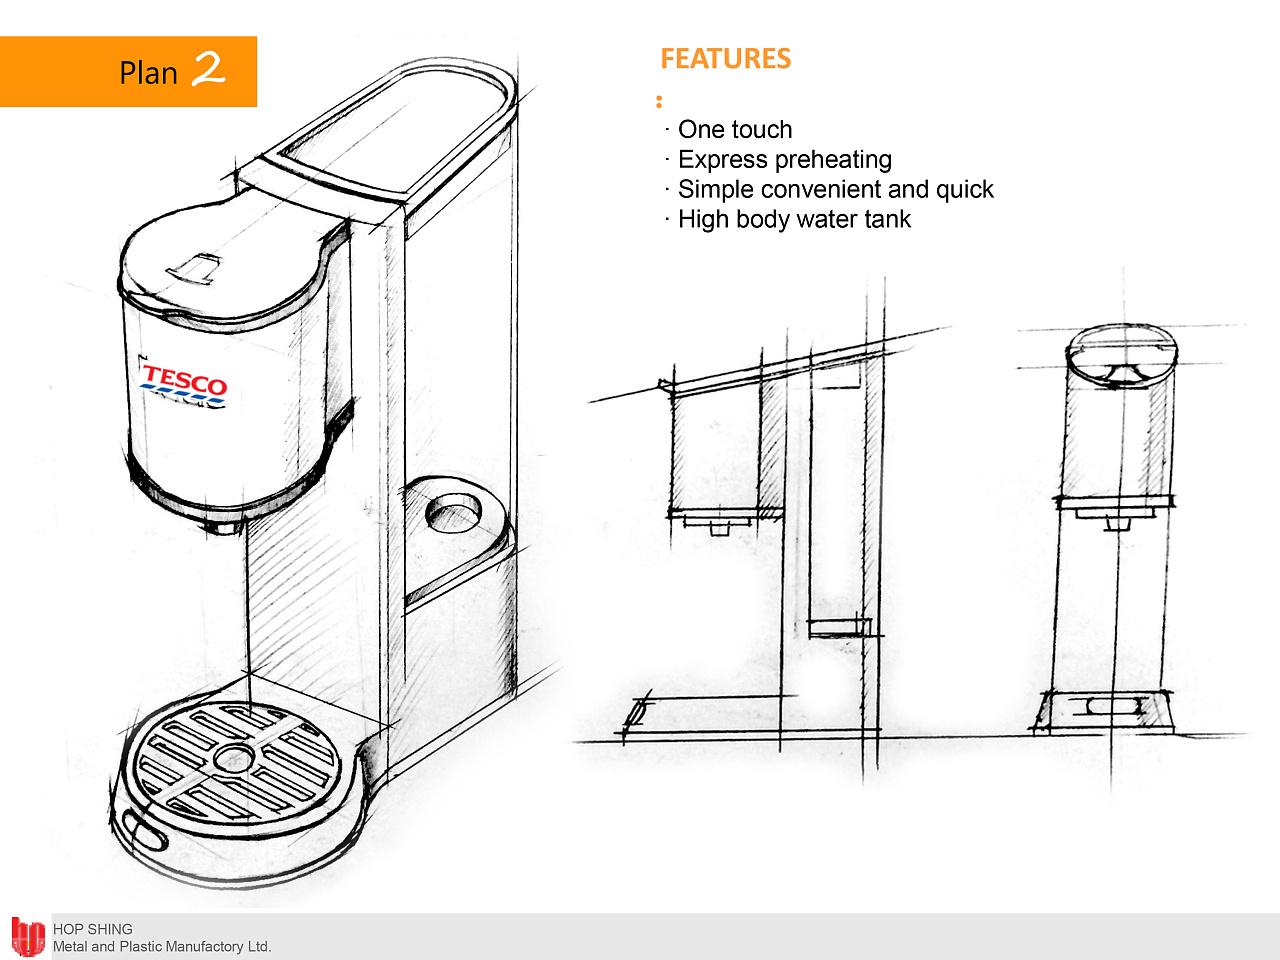 胶囊咖啡机创意手绘|工业/产品|生活用品|feikong